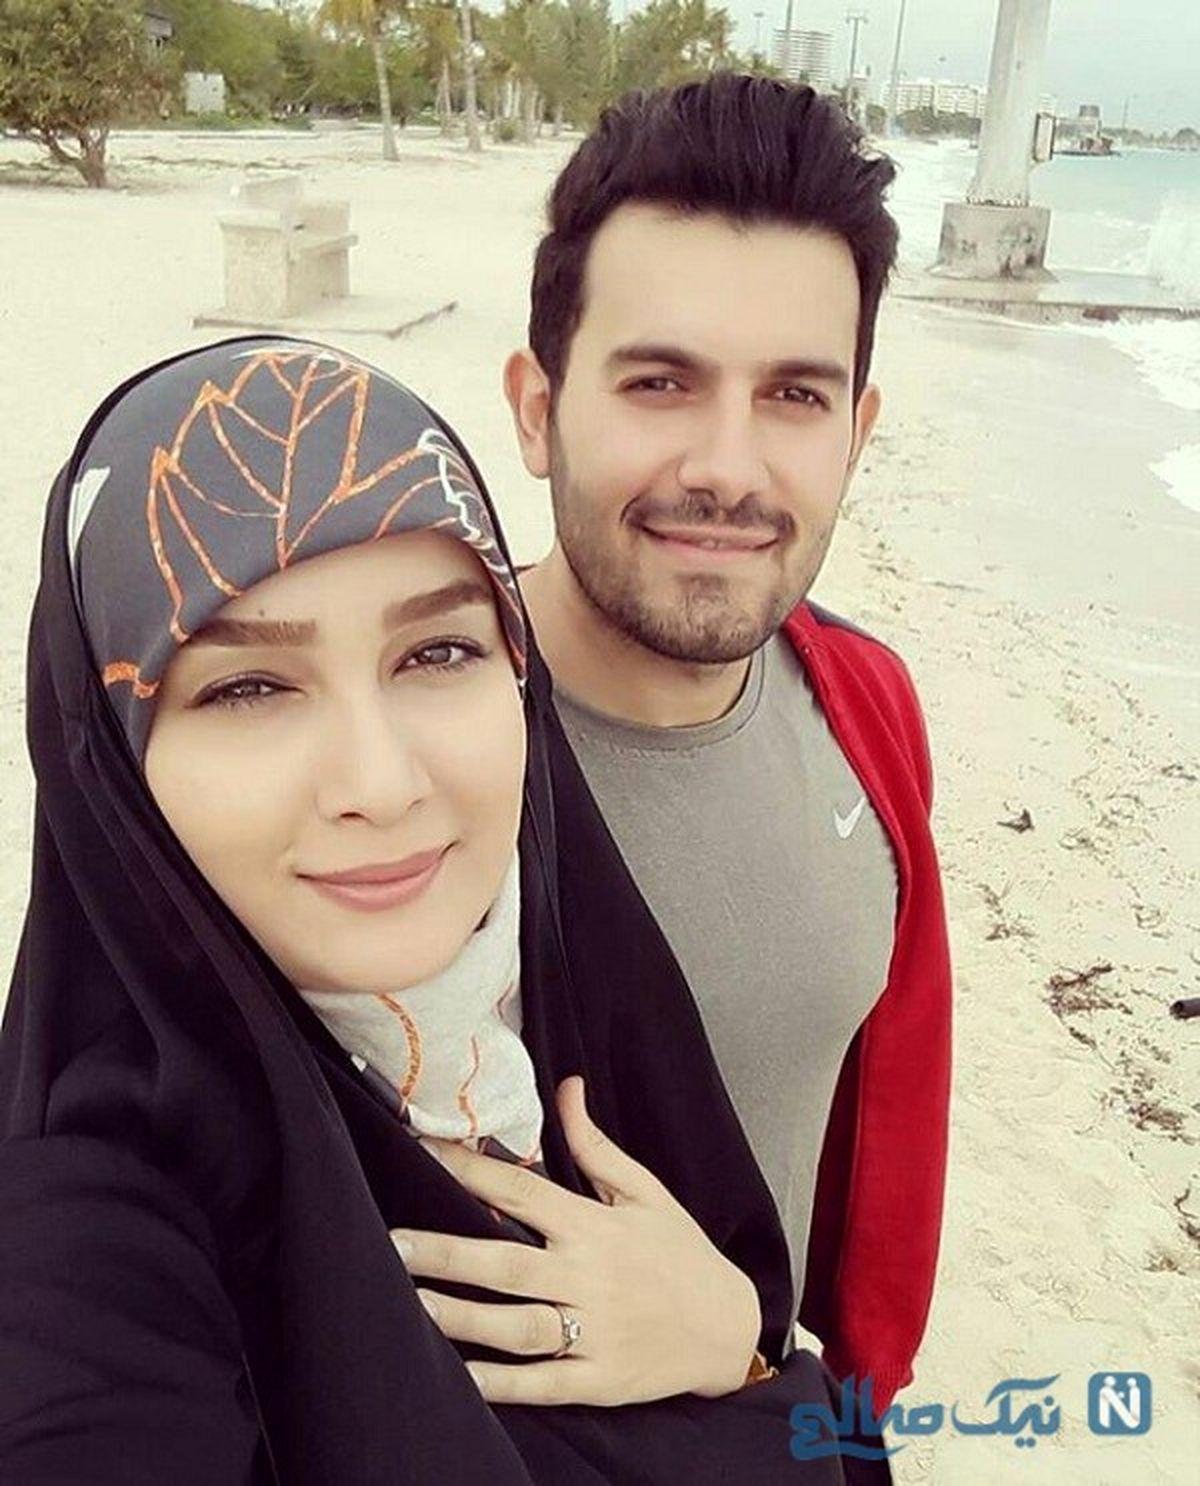 بیوگرافی مژده خنجری مجری و همسرش + اینستاگرام و عکس